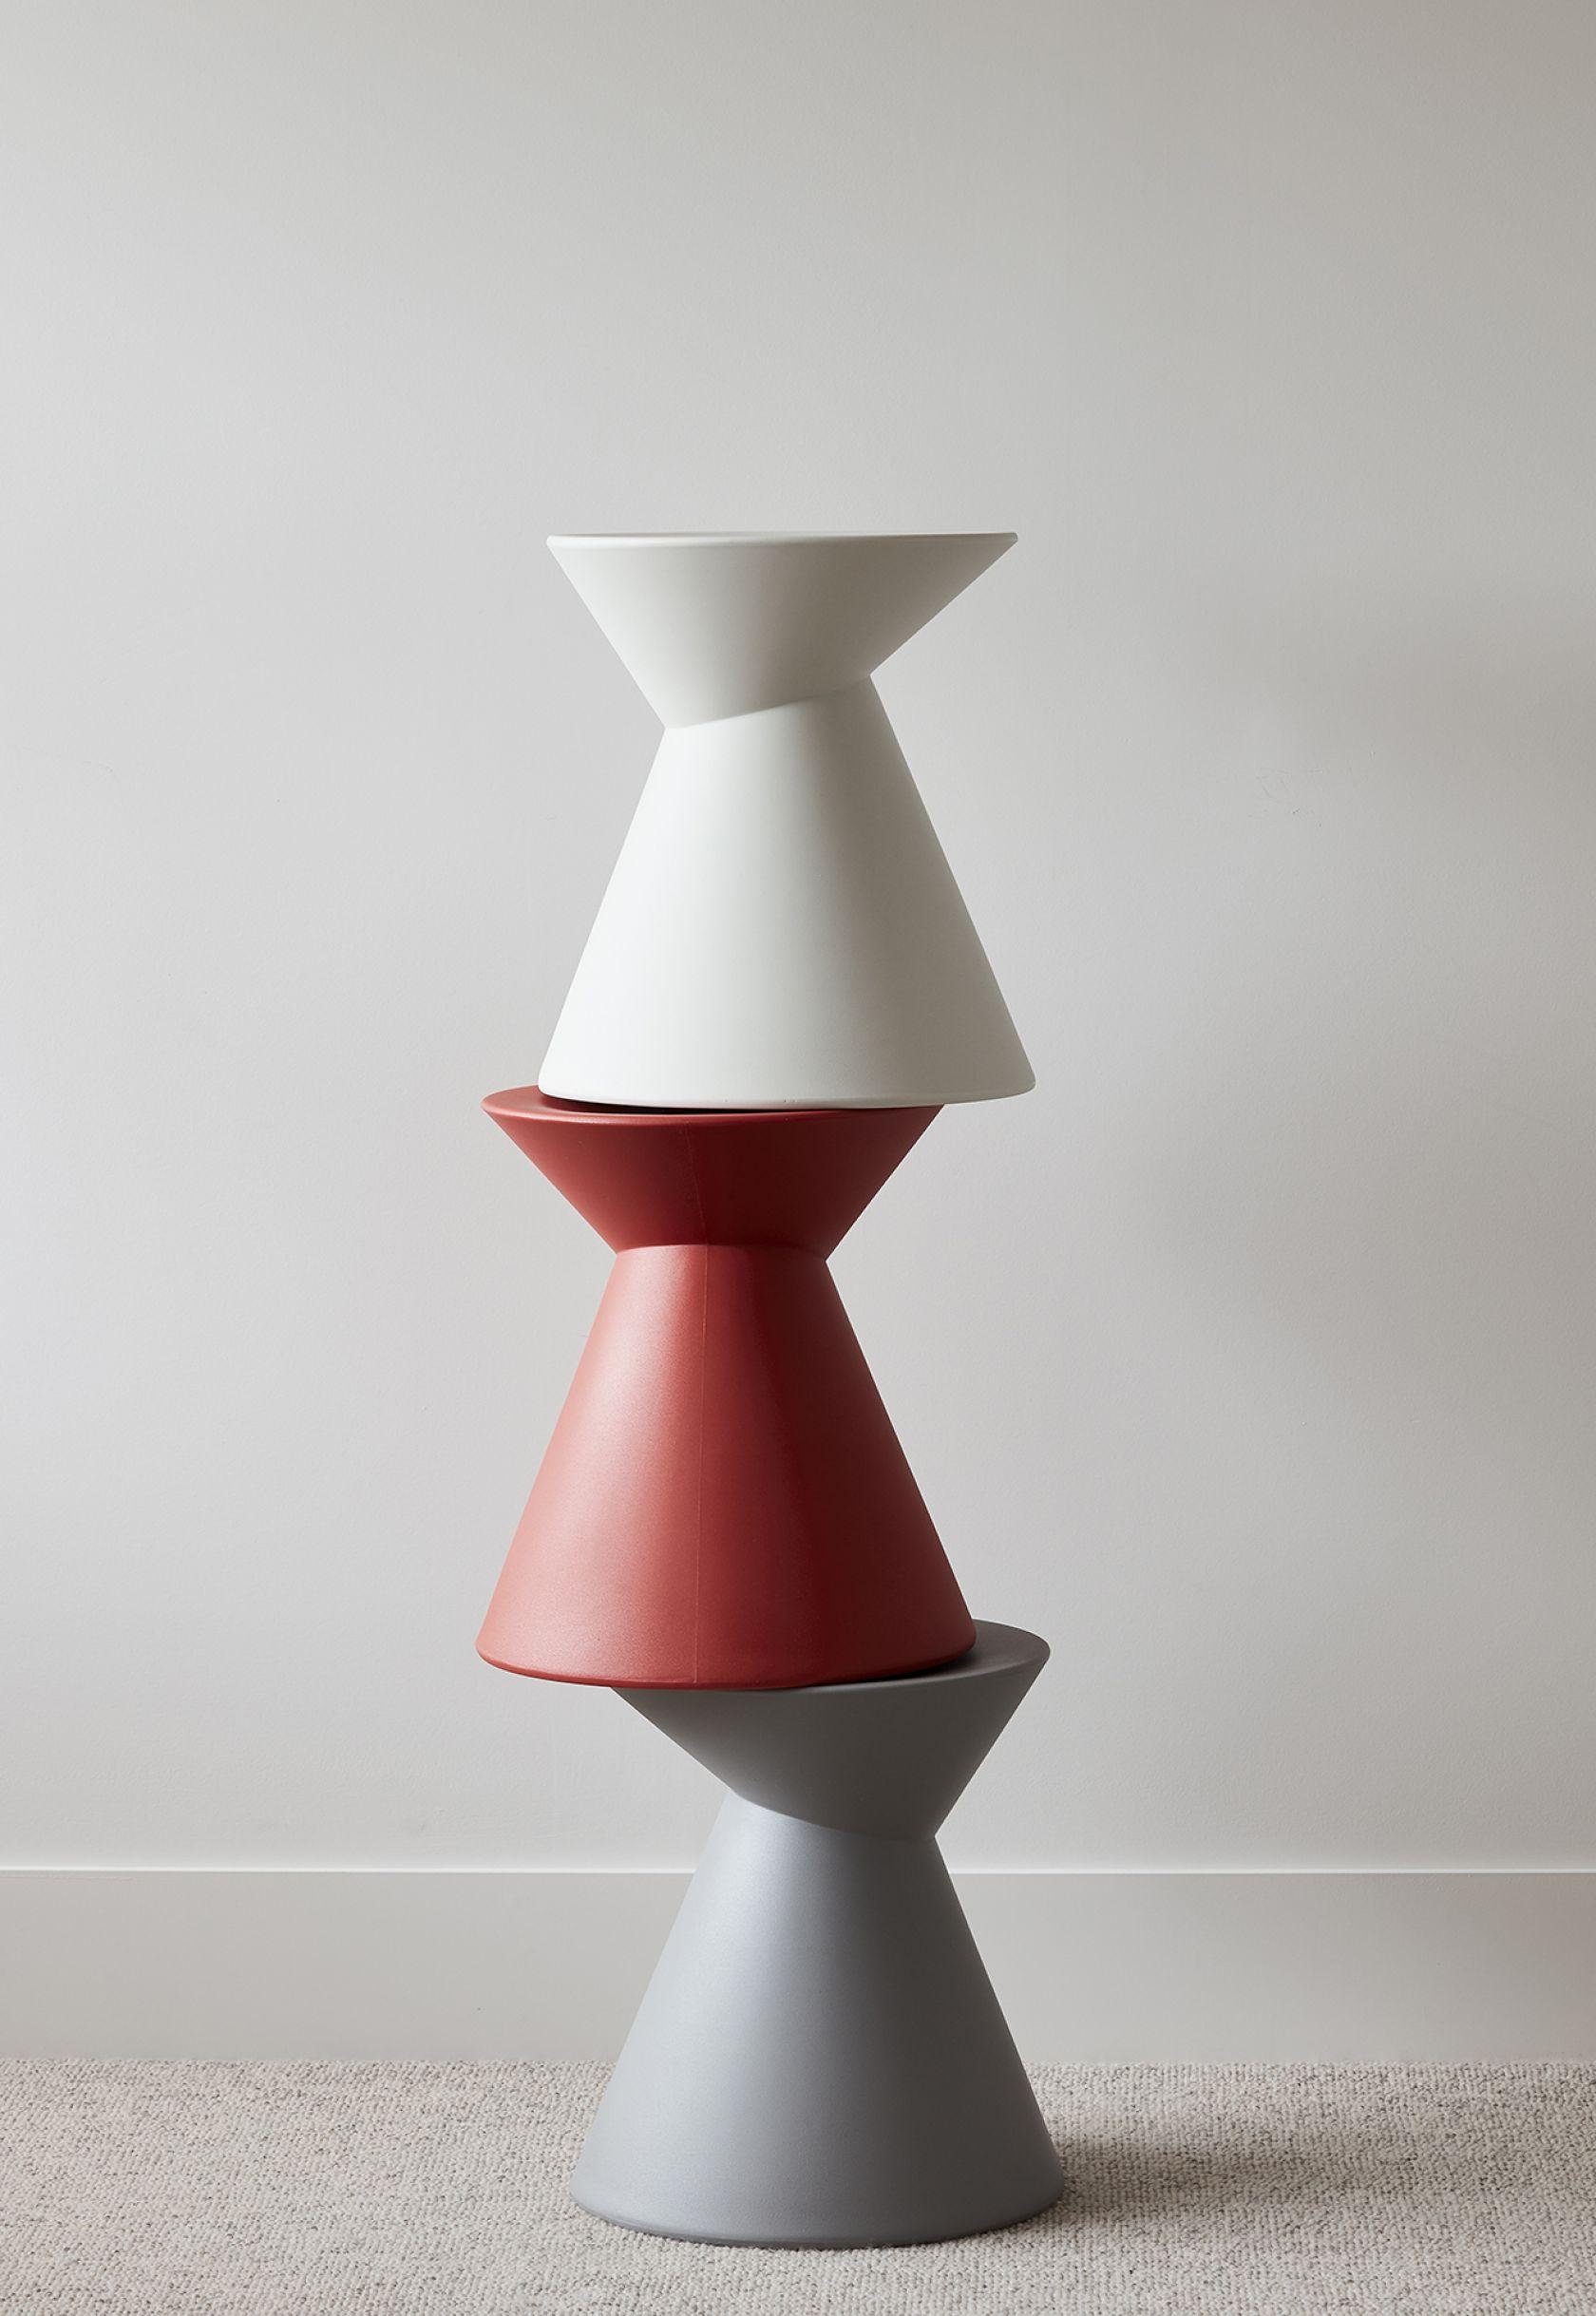 La La Stool grey, red and white